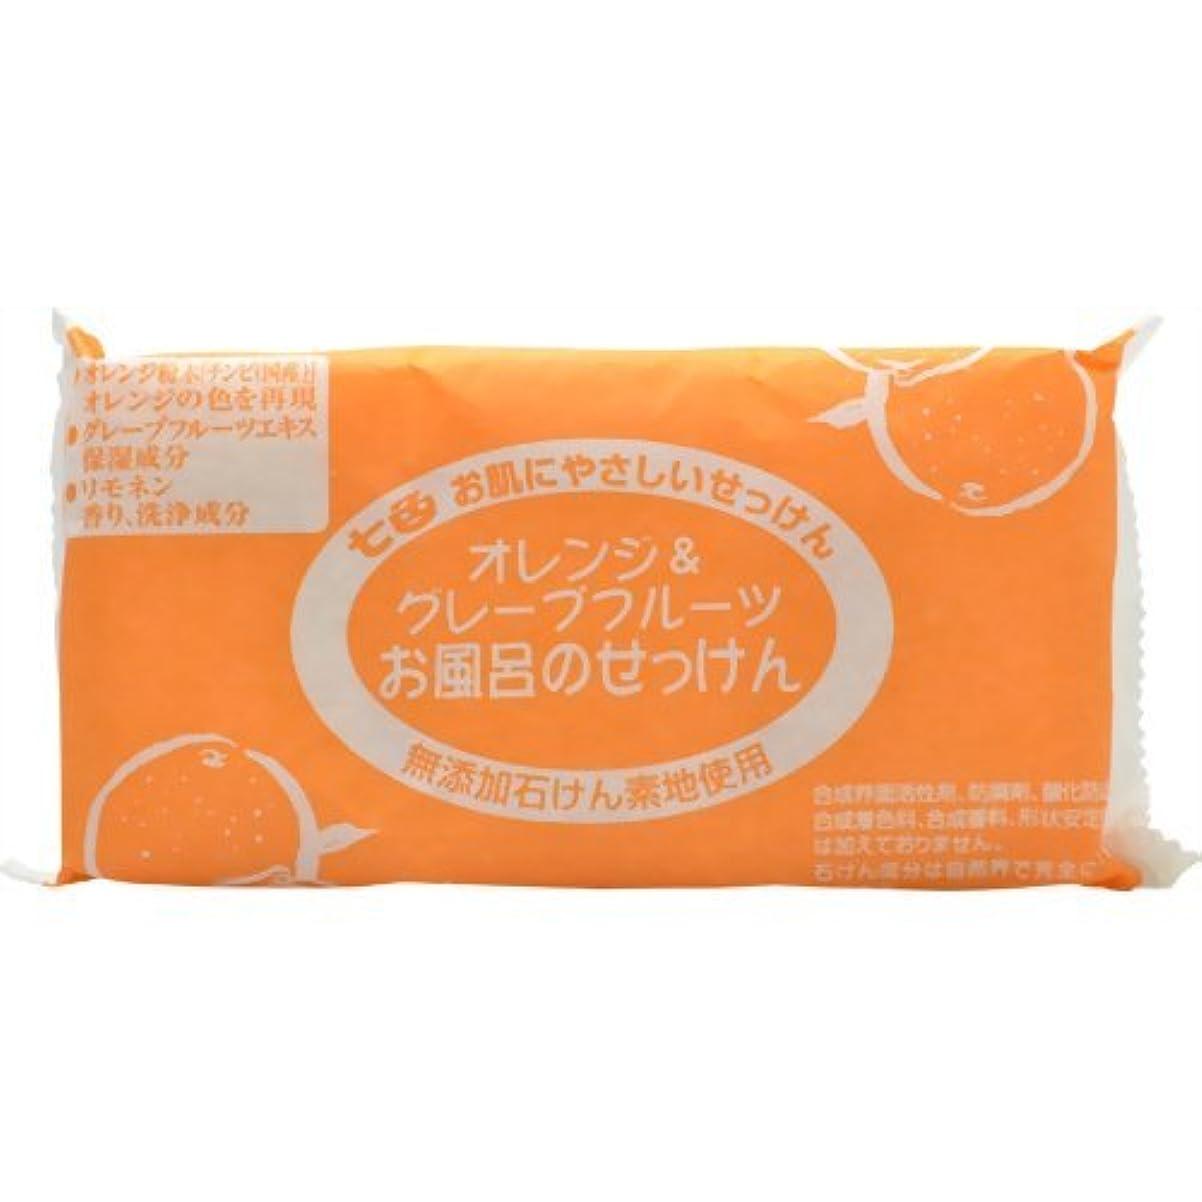 明るくするお客様住人まるは オレンジ&グレープフルーツ お風呂の石鹸 3個入り